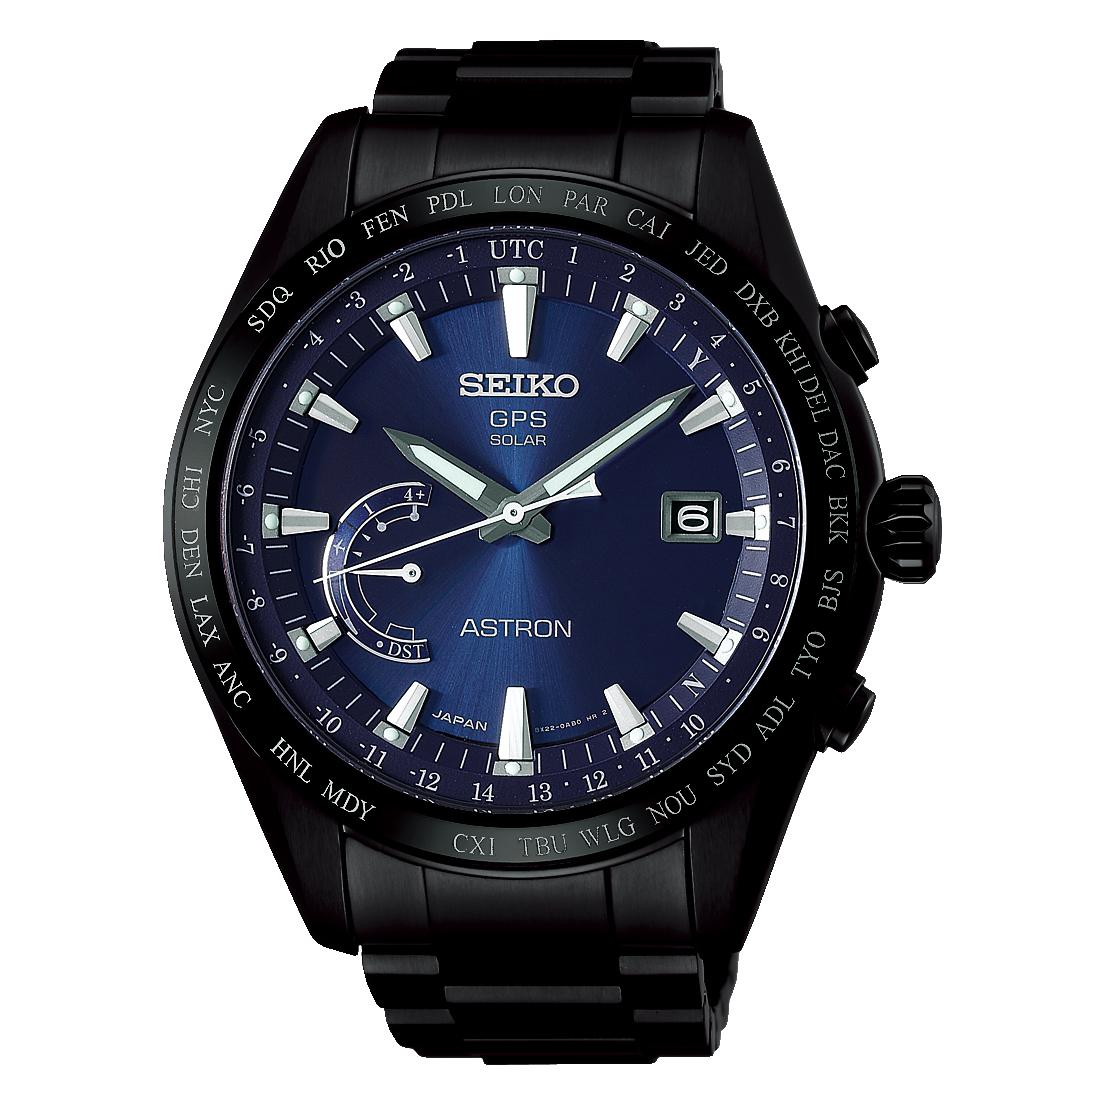 SEIKO ASTRON/セイコー アストロン SBXB111 8X Series World-Time ワールドタイム 8X22 Titanium Models チタニウムモデル